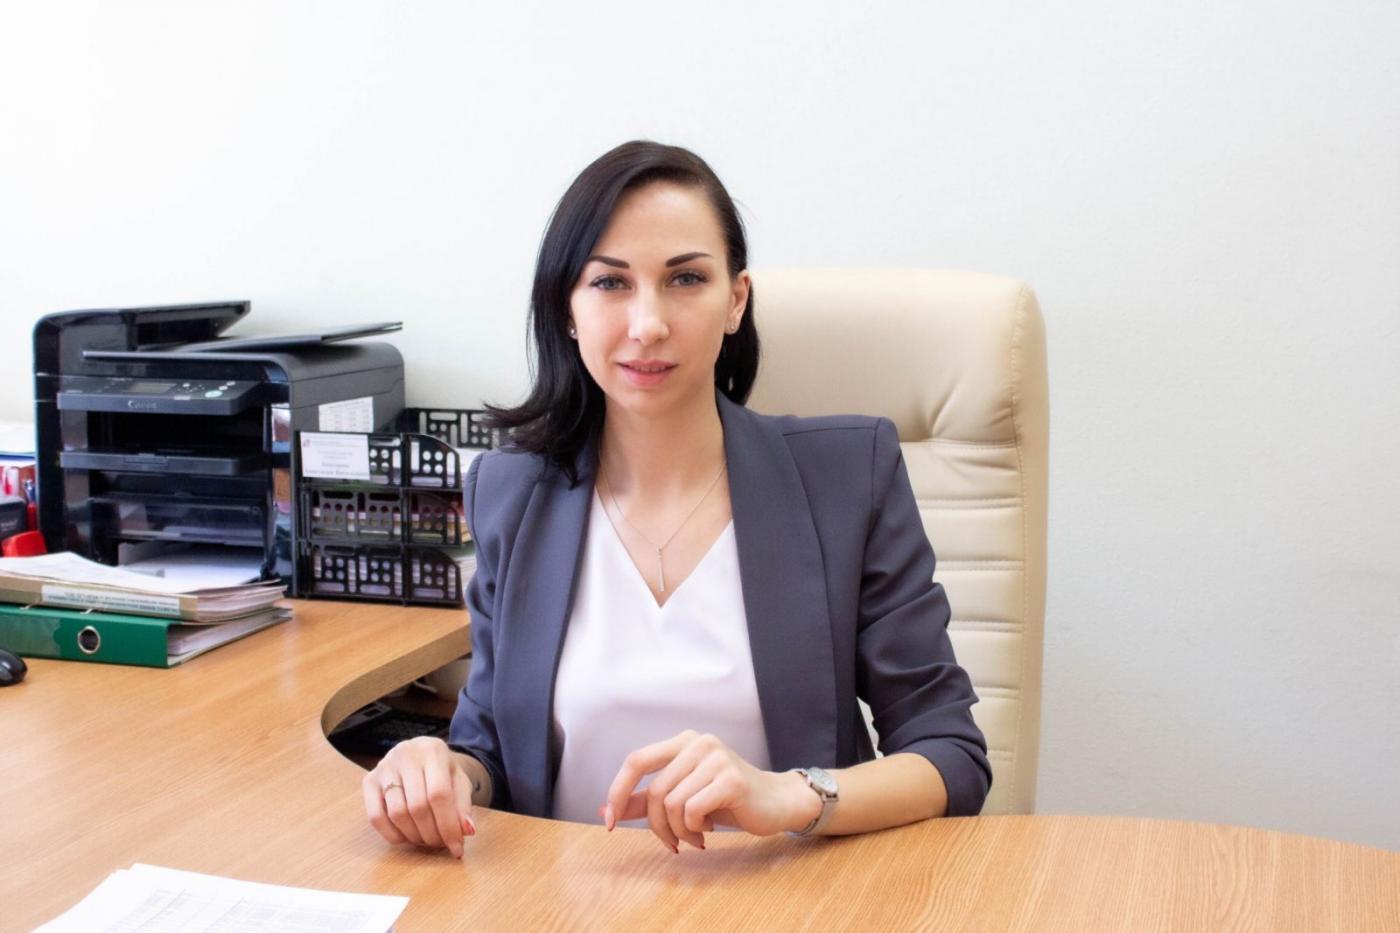 За кулисами ФММП: Анастасия Васильевна Бондарик